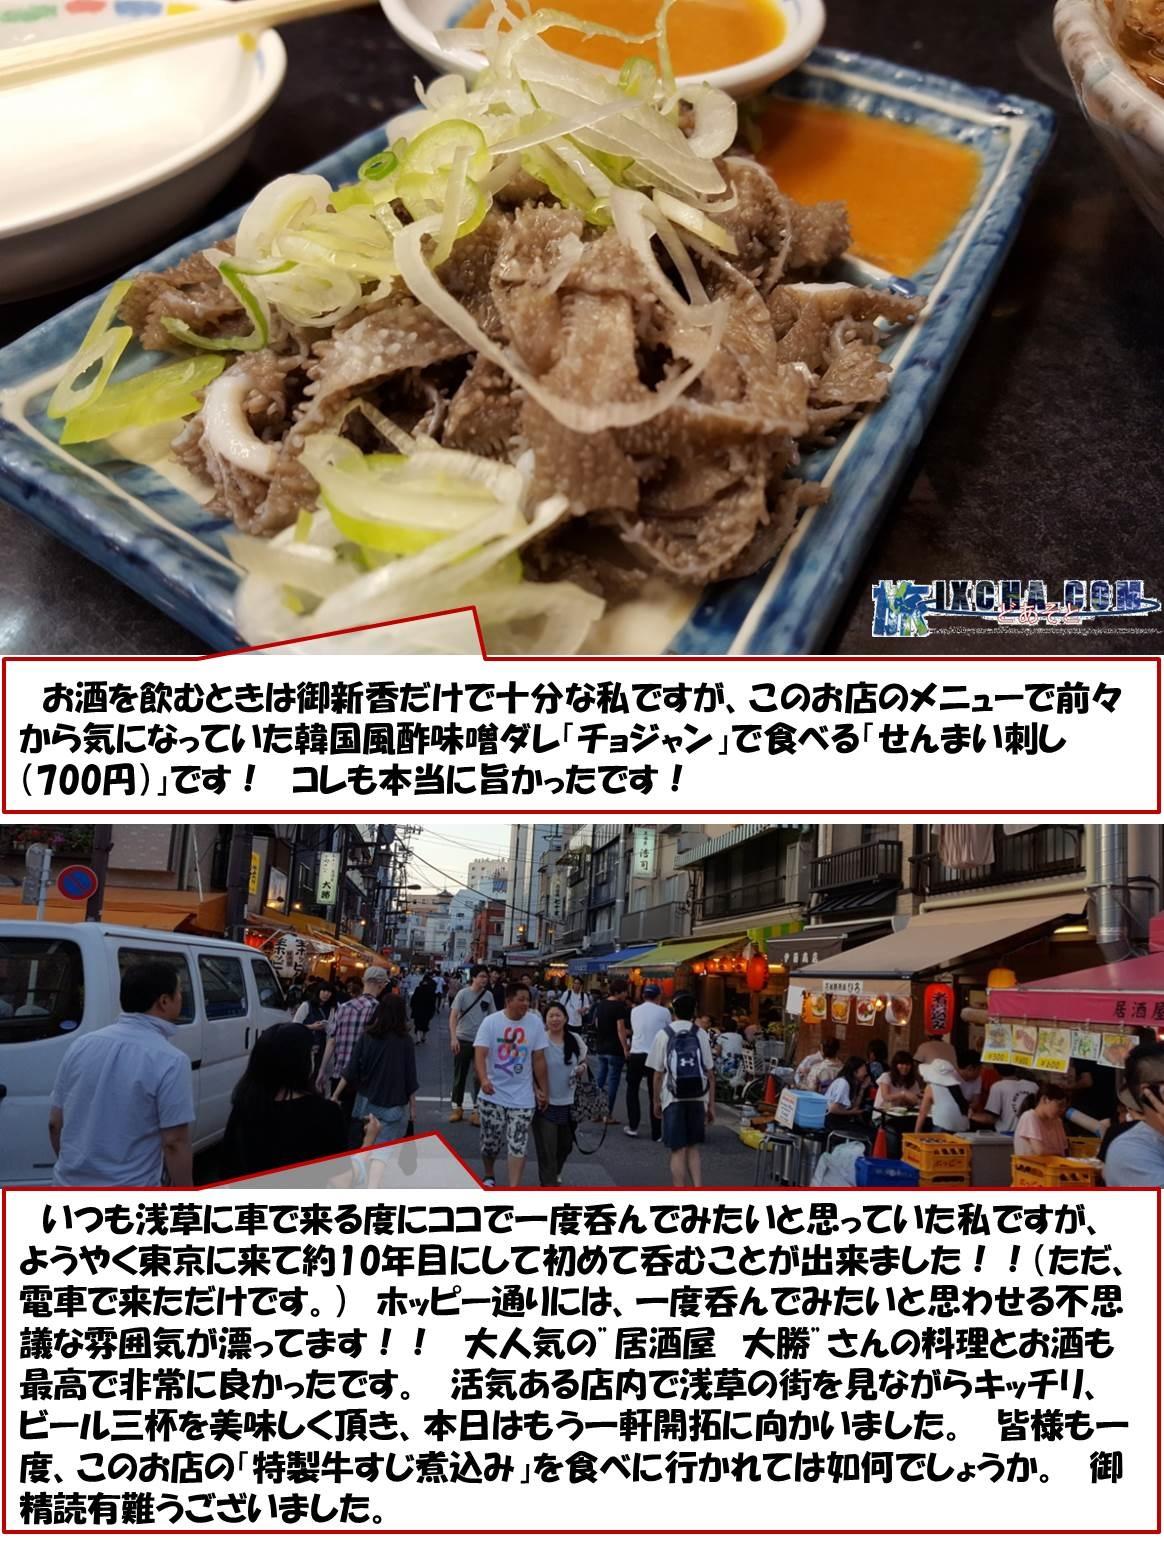 """お酒を飲むときは御新香だけで十分な私ですが、このお店のメニューで前々から気になっていた韓国風酢味噌ダレ「チョジャン」で食べる「せんまい刺し(700円)」です! コレも旨かったです! いつも浅草に車で来る度にココで一度呑んでみたいと思っていた私ですが、ようやく東京に来て約10年目にして初めて呑むことが出来ました!!(ただ、電車で来ただけです。) ホッピー通りには、一度呑んでみたいと思わせる不思議な雰囲気が漂ってます!! 大人気の""""居酒屋 大勝""""さんの料理とお酒も最高で非常に良かったです。 活気ある店内で浅草の街を見ながらキッチリビール三杯を美味しく頂き、本日はもう一軒開拓に向かいました。 皆様も一度、このお店の「特製牛すじ煮込み」を食べに行かれては如何でしょうか。 御精読有難うございました。"""